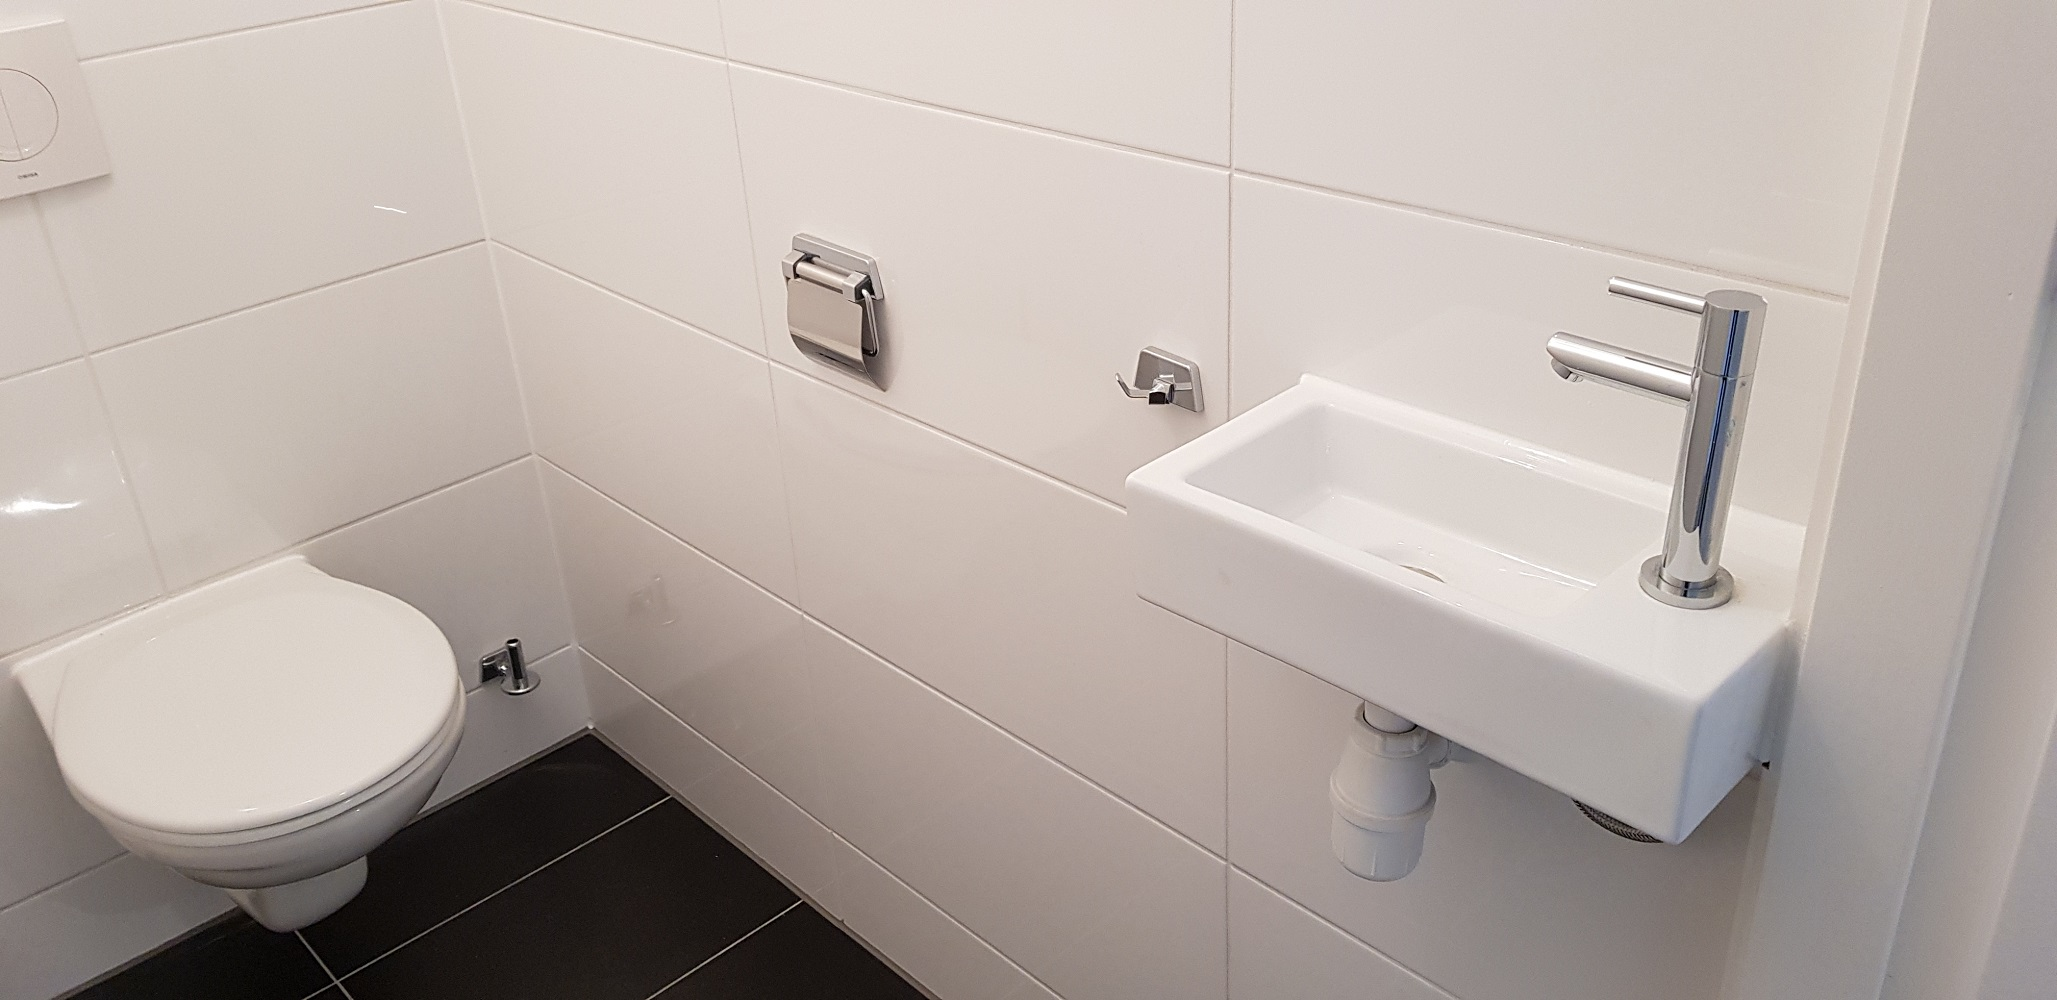 UFA Bouw_Verbouwing_Bosboom Toussaintstraat 31_toilet 2